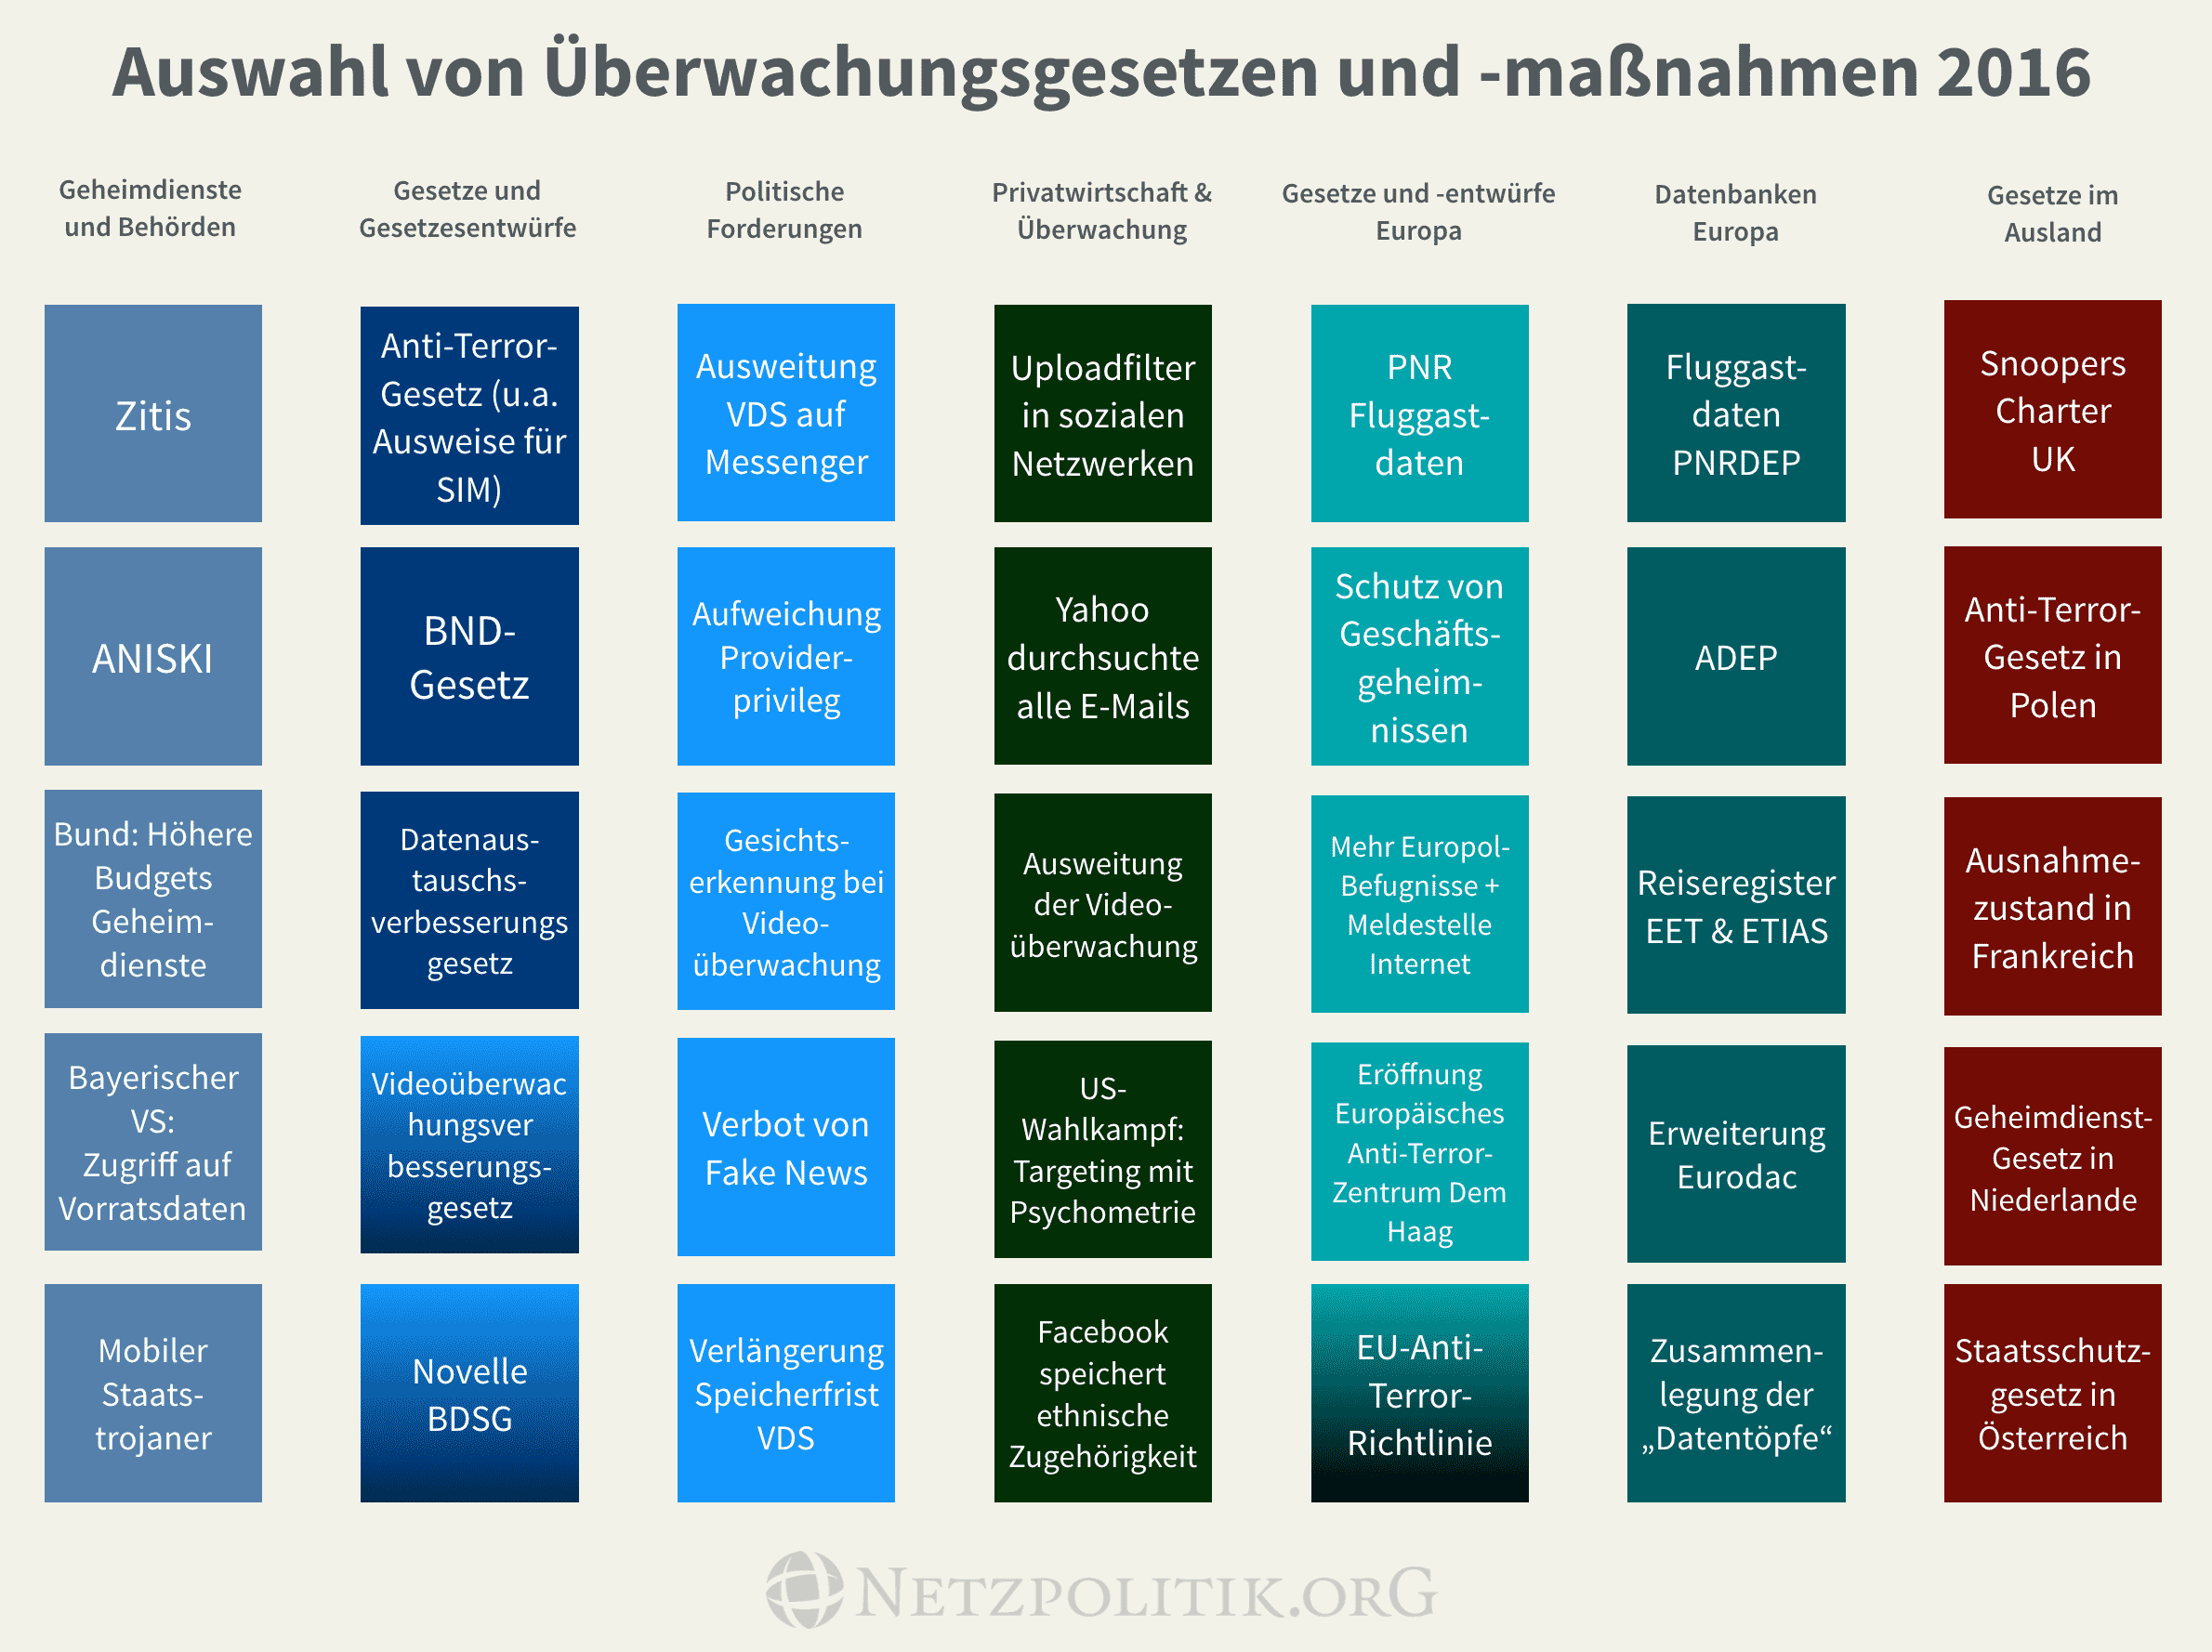 Auswahl An Überwachungsgesetzen Und  Maßnahmen Des Jahres 2016. CC BY NC 4.0